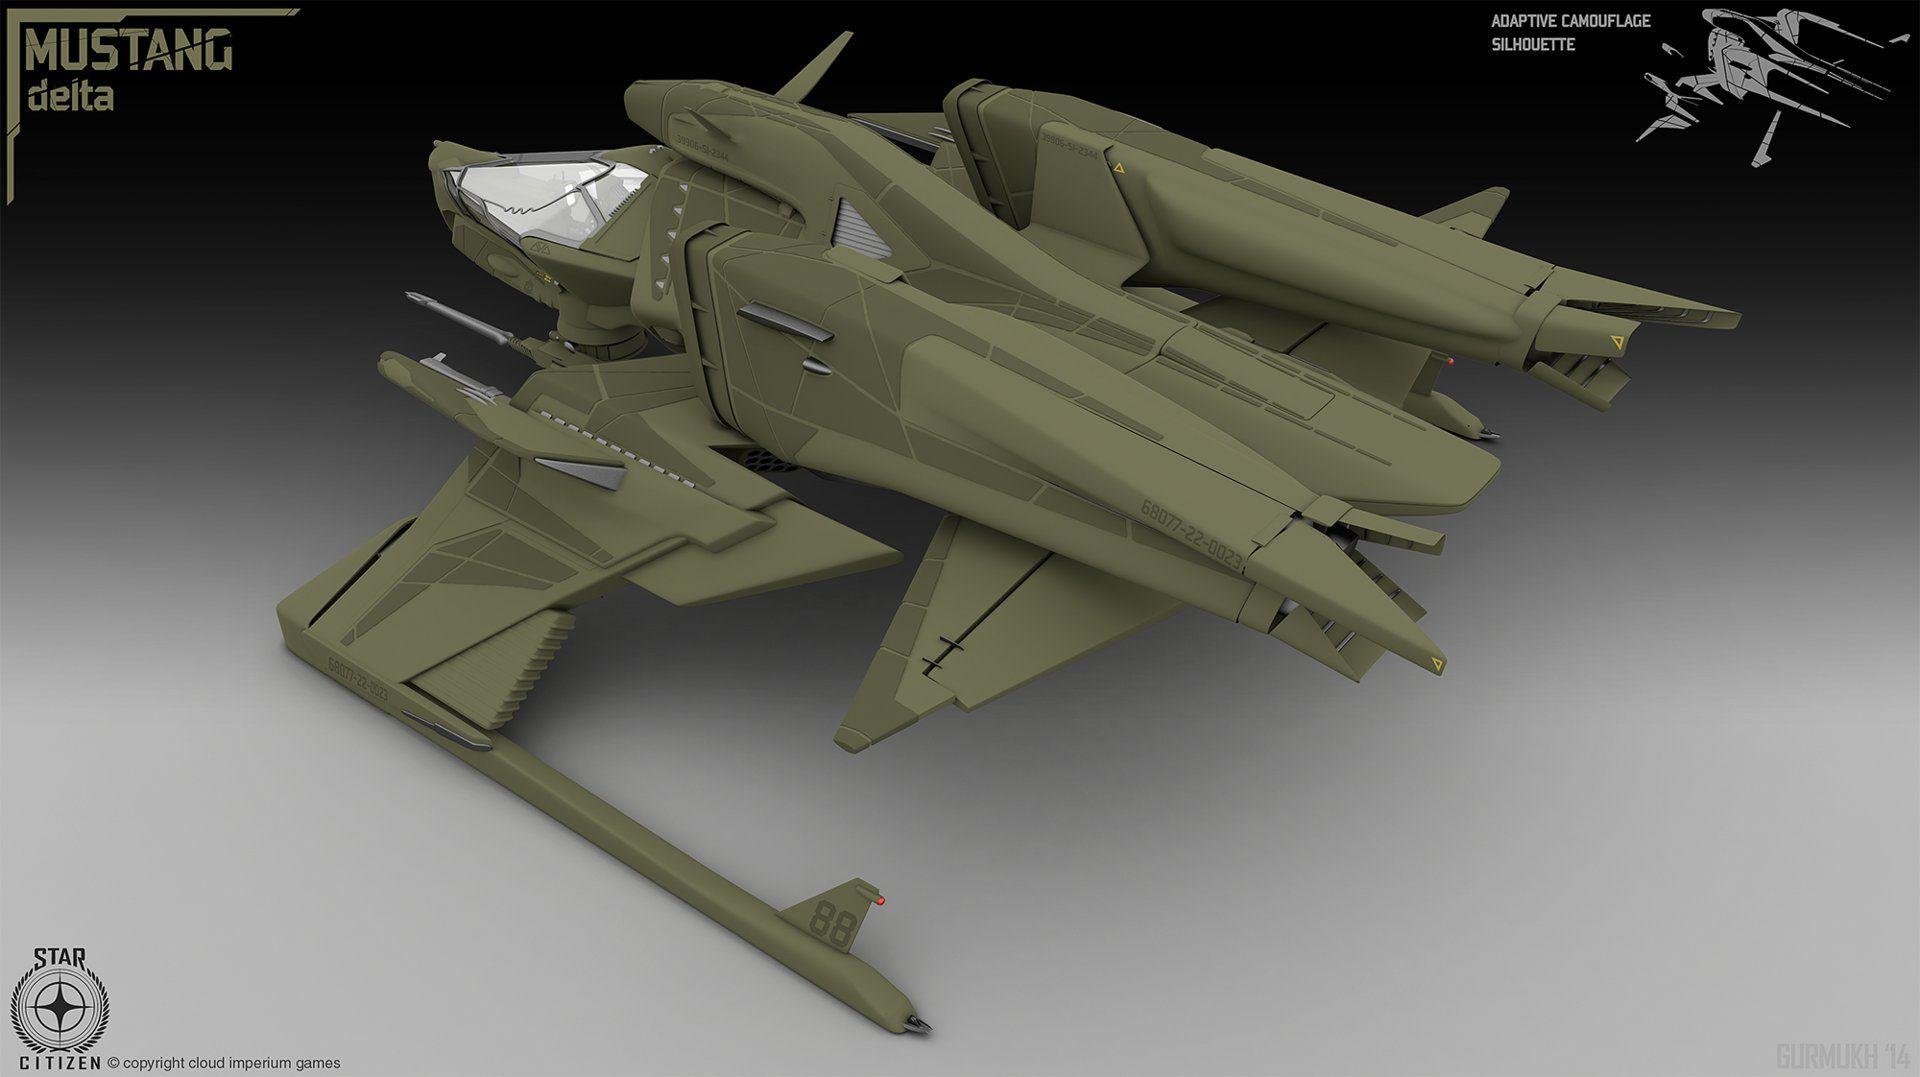 ArtStation - Mustang Delta Concept Art (Star Citizen), gurmukh bhasin